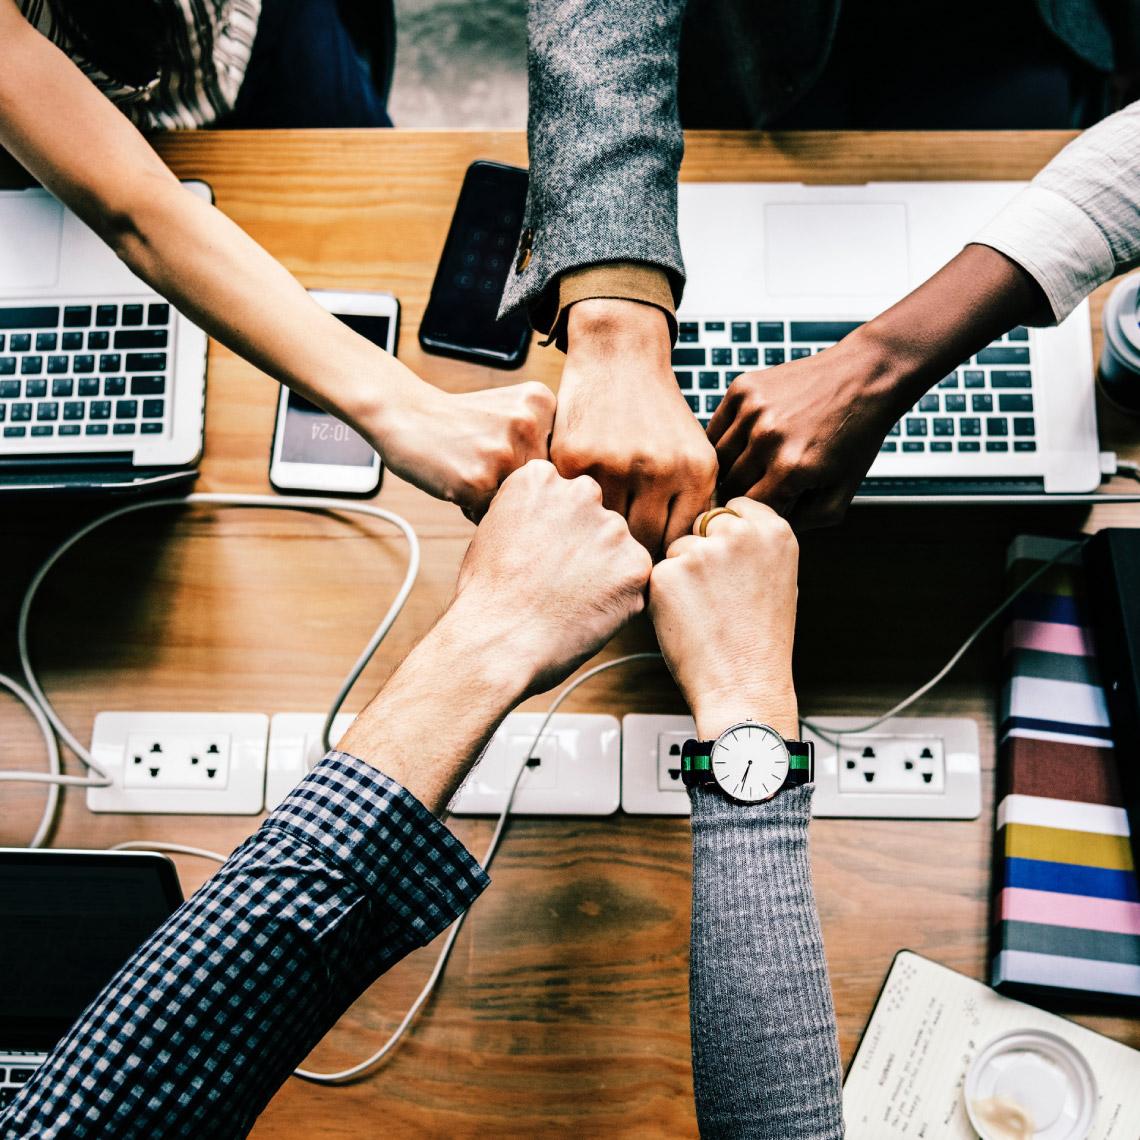 ביטוח סיעודי קבוצתי - סוכן ביטוח סיעודי טד בר